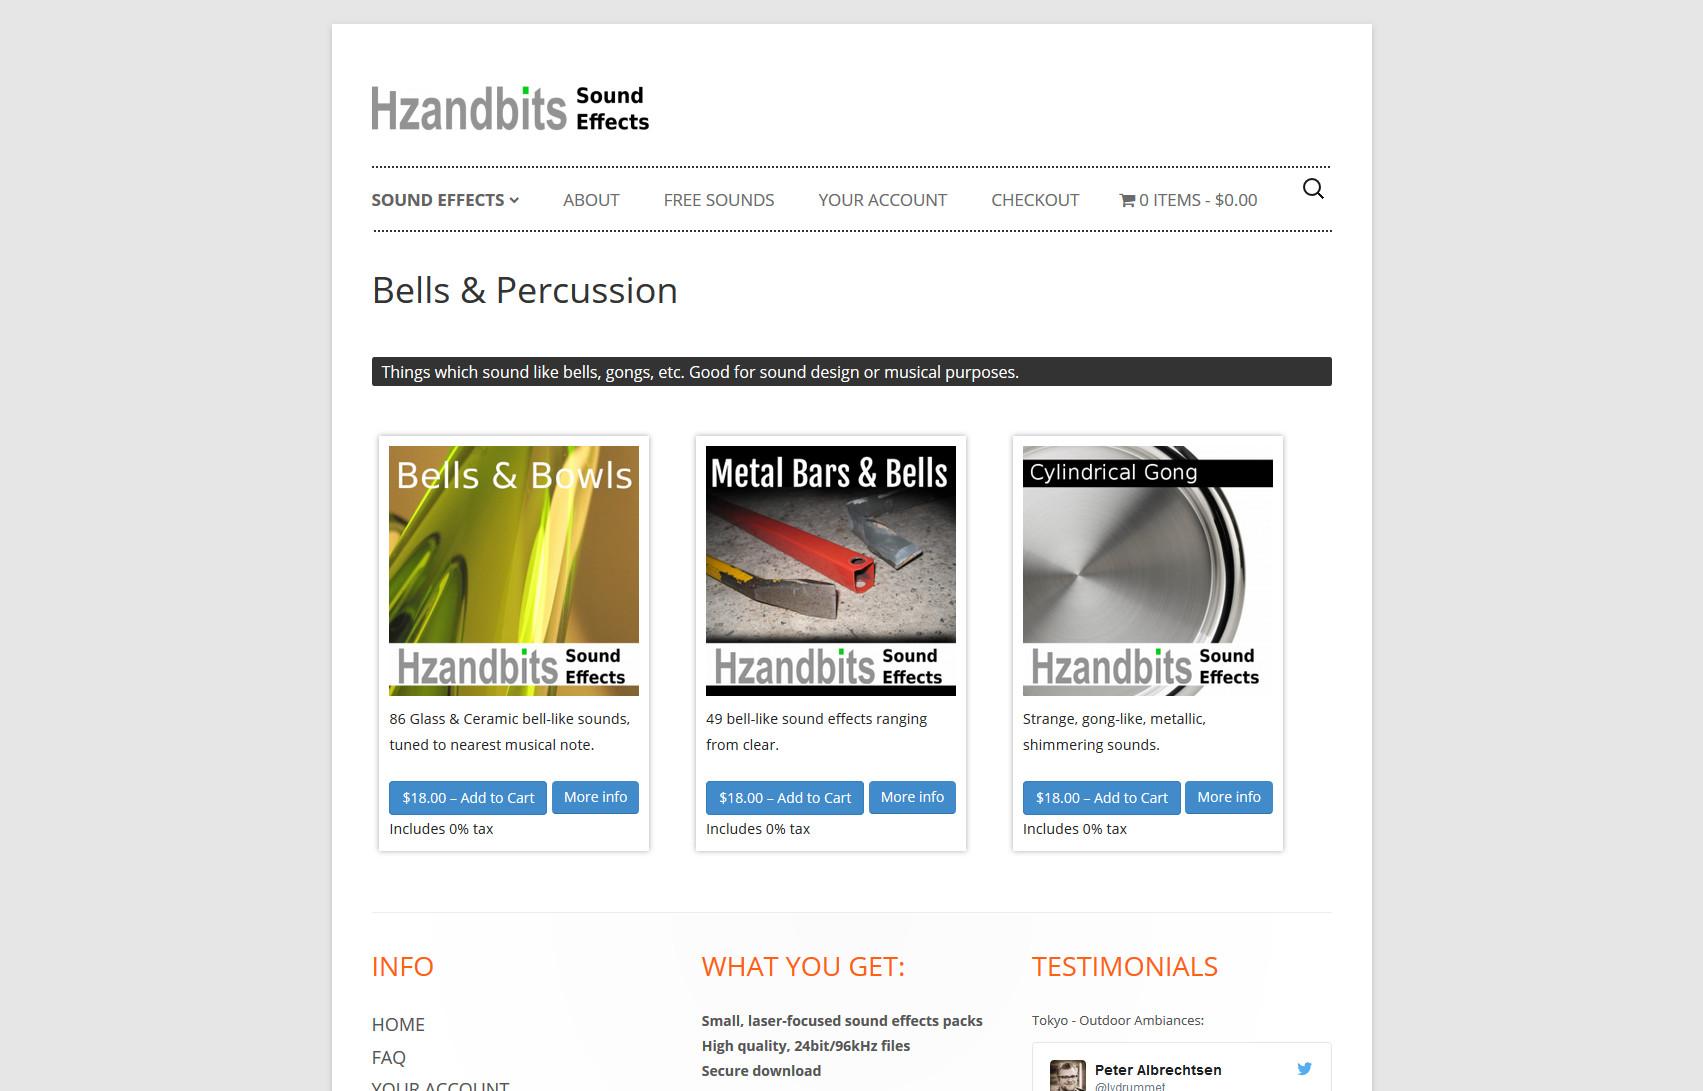 hzandbits.com - 01